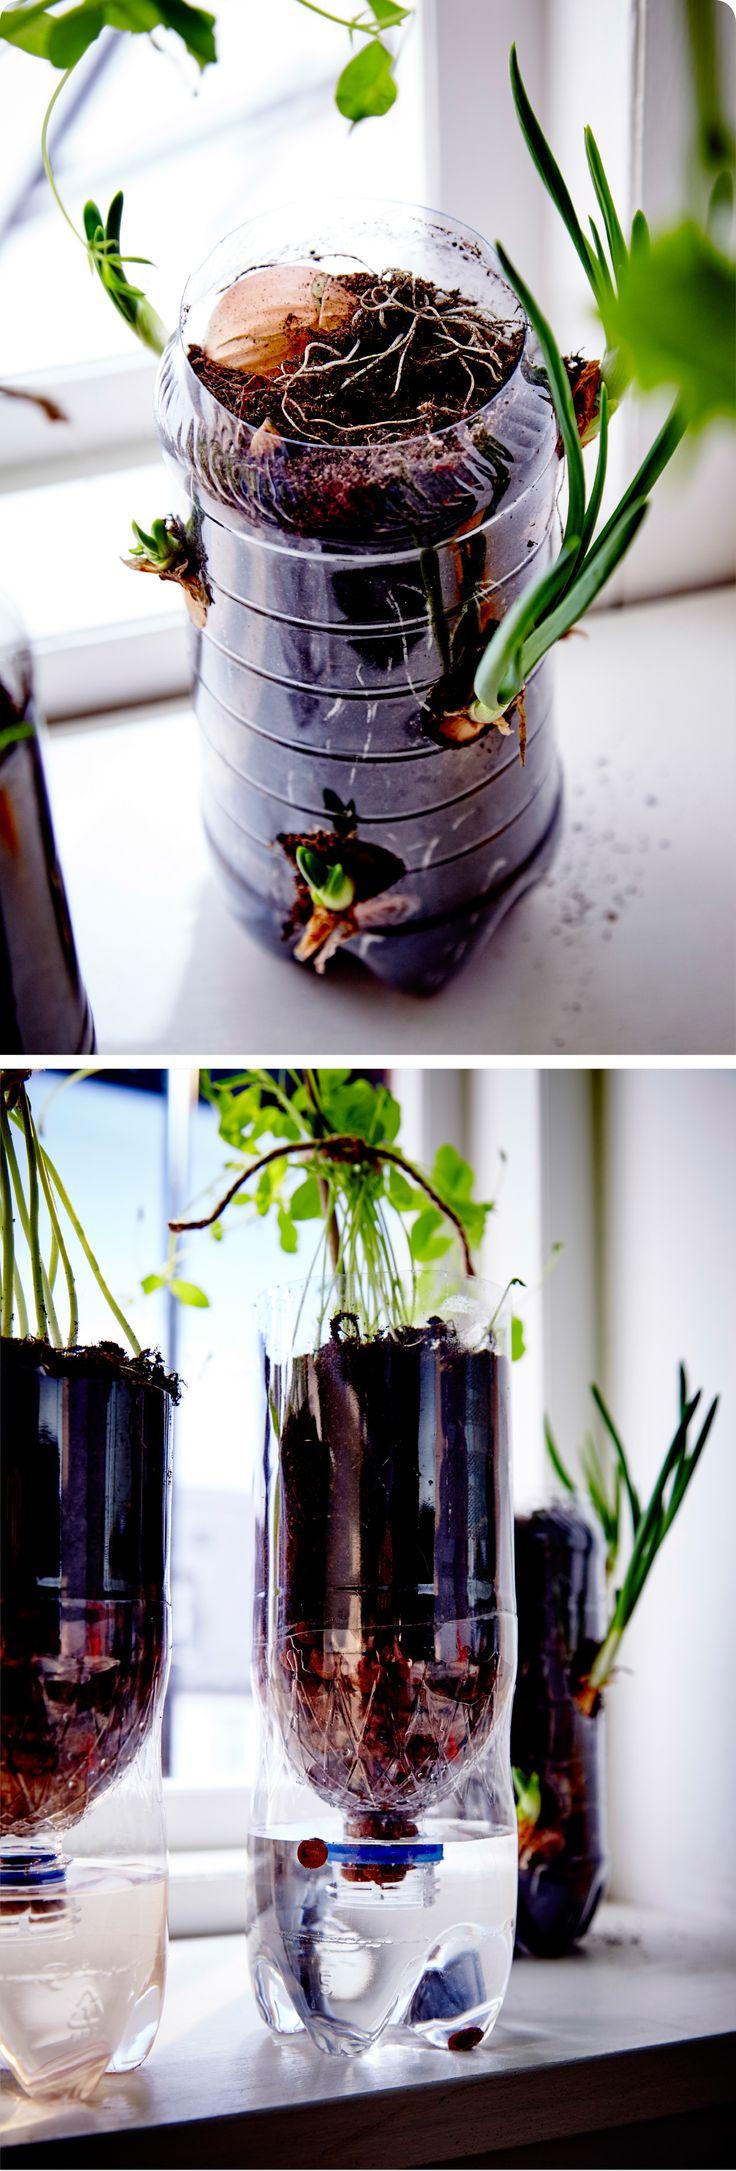 On recycle les boites de conserve et les bouteilles en plastique pour se créer un petit jardin aromatique dans la cuisine. http://goo.gl/YYqn3Y